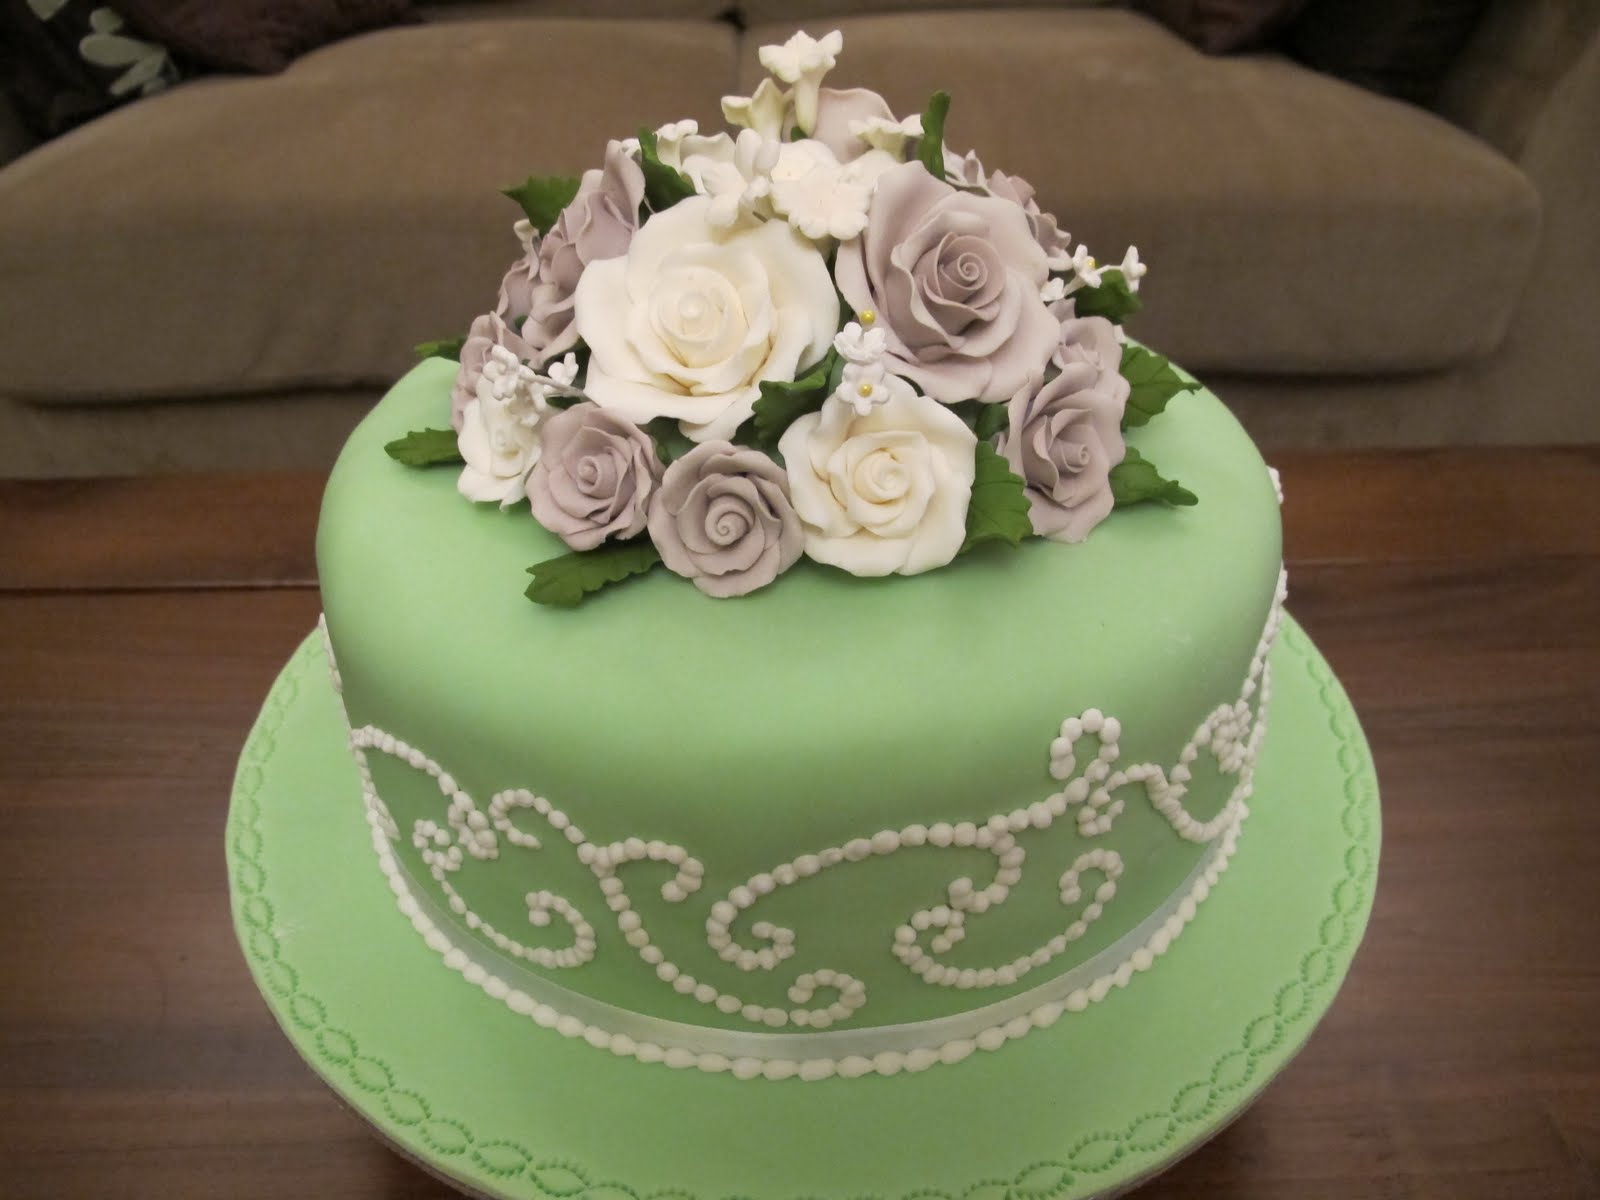 Happy Birthday Cake Manpreet